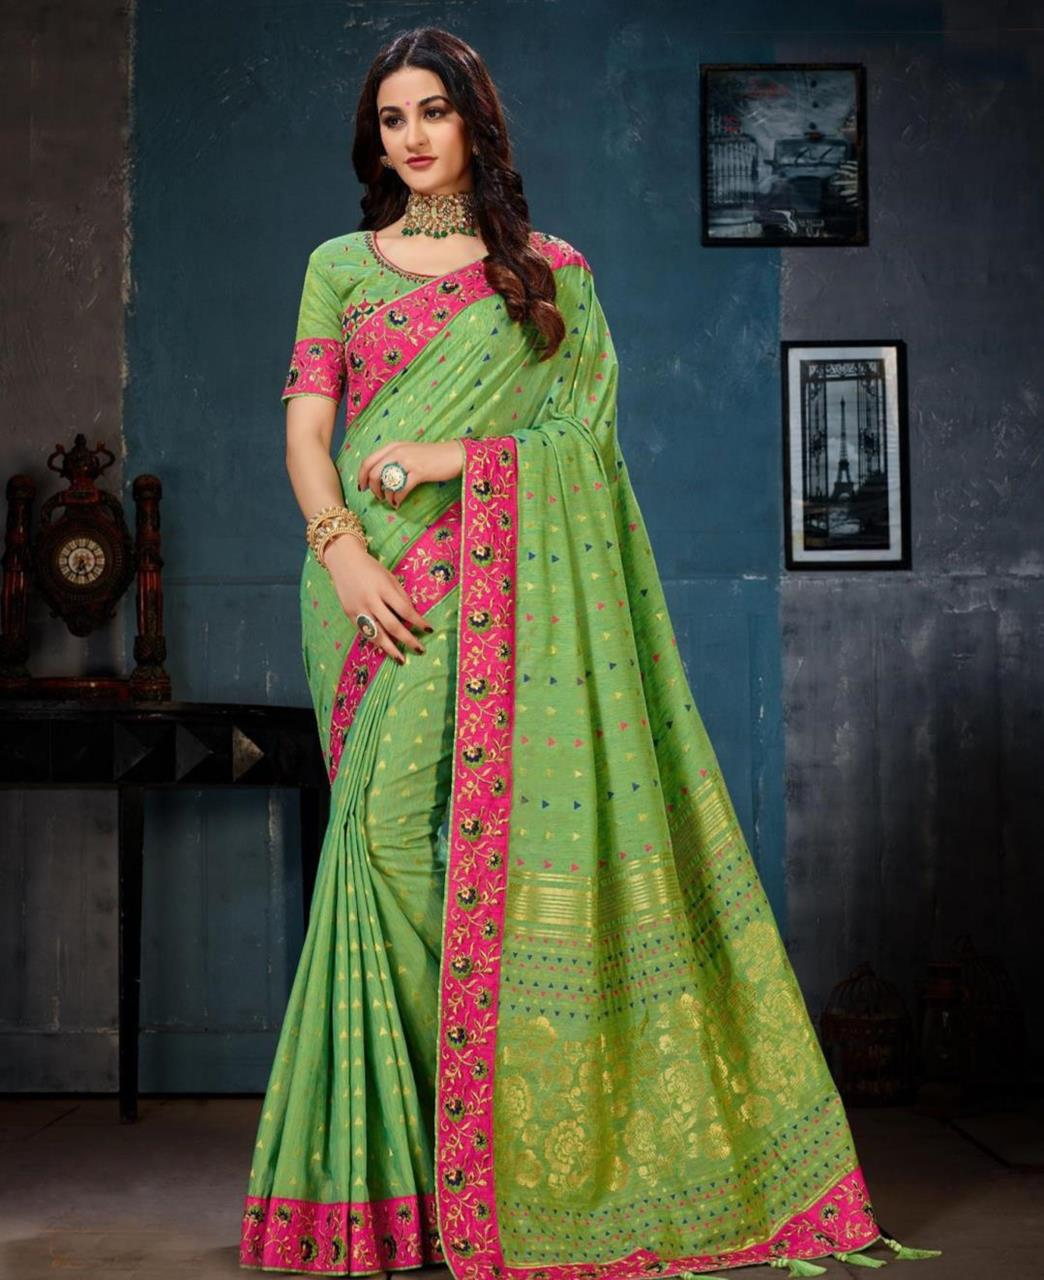 Jacquard Cotton Saree (Sari) in Green